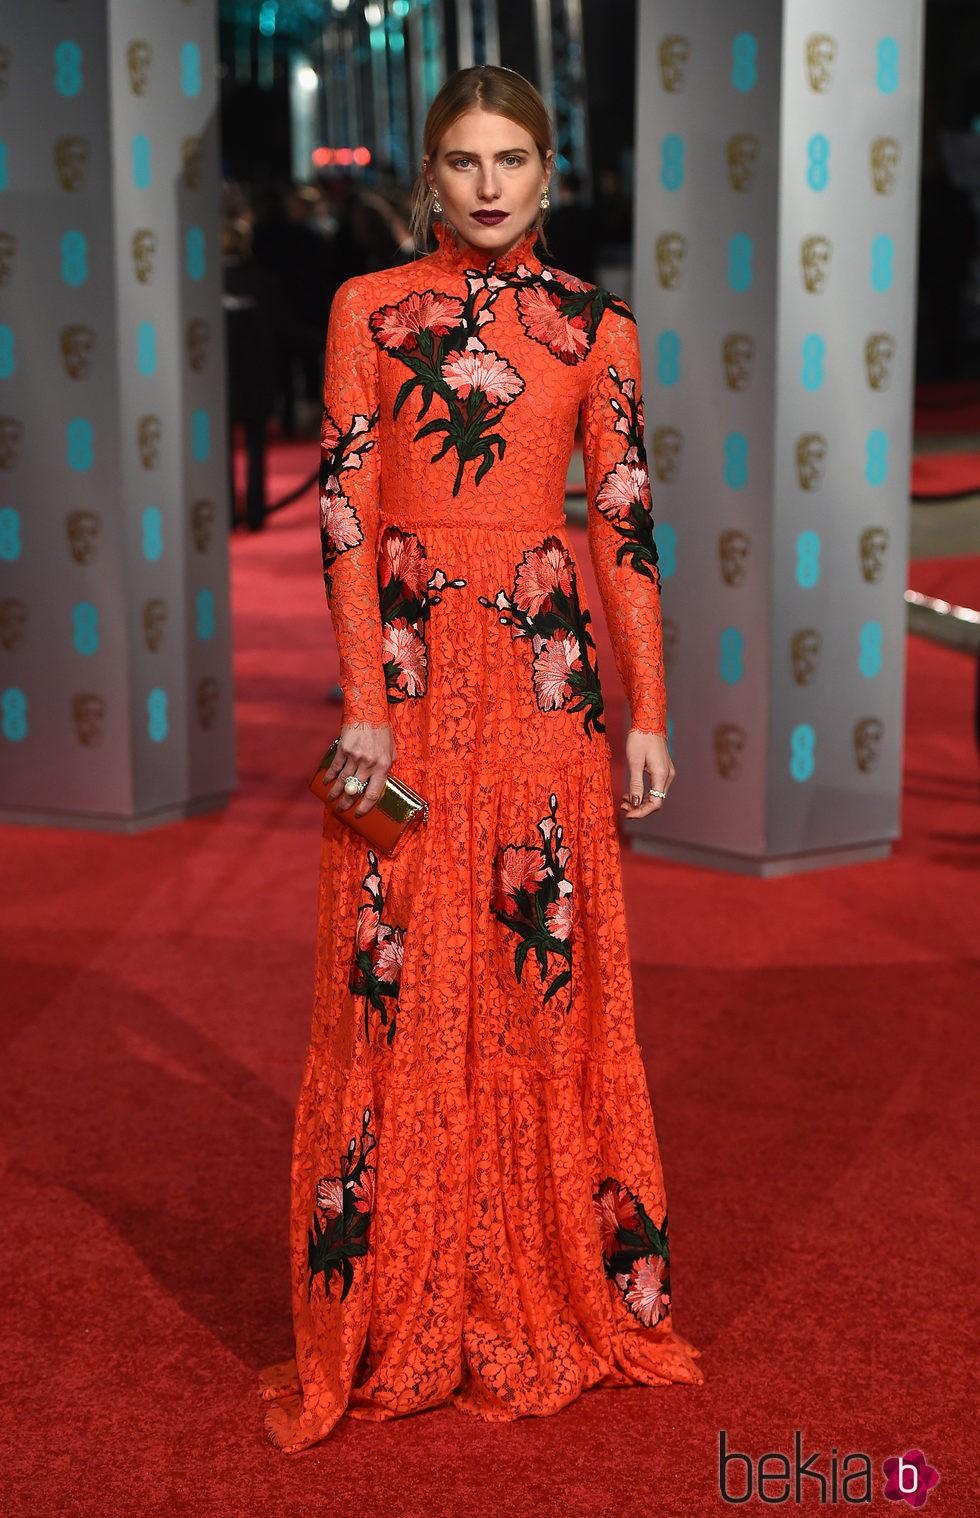 Dree Hemingway con un vestido de Gucci en la alfombra roja de los BAFTA 2016